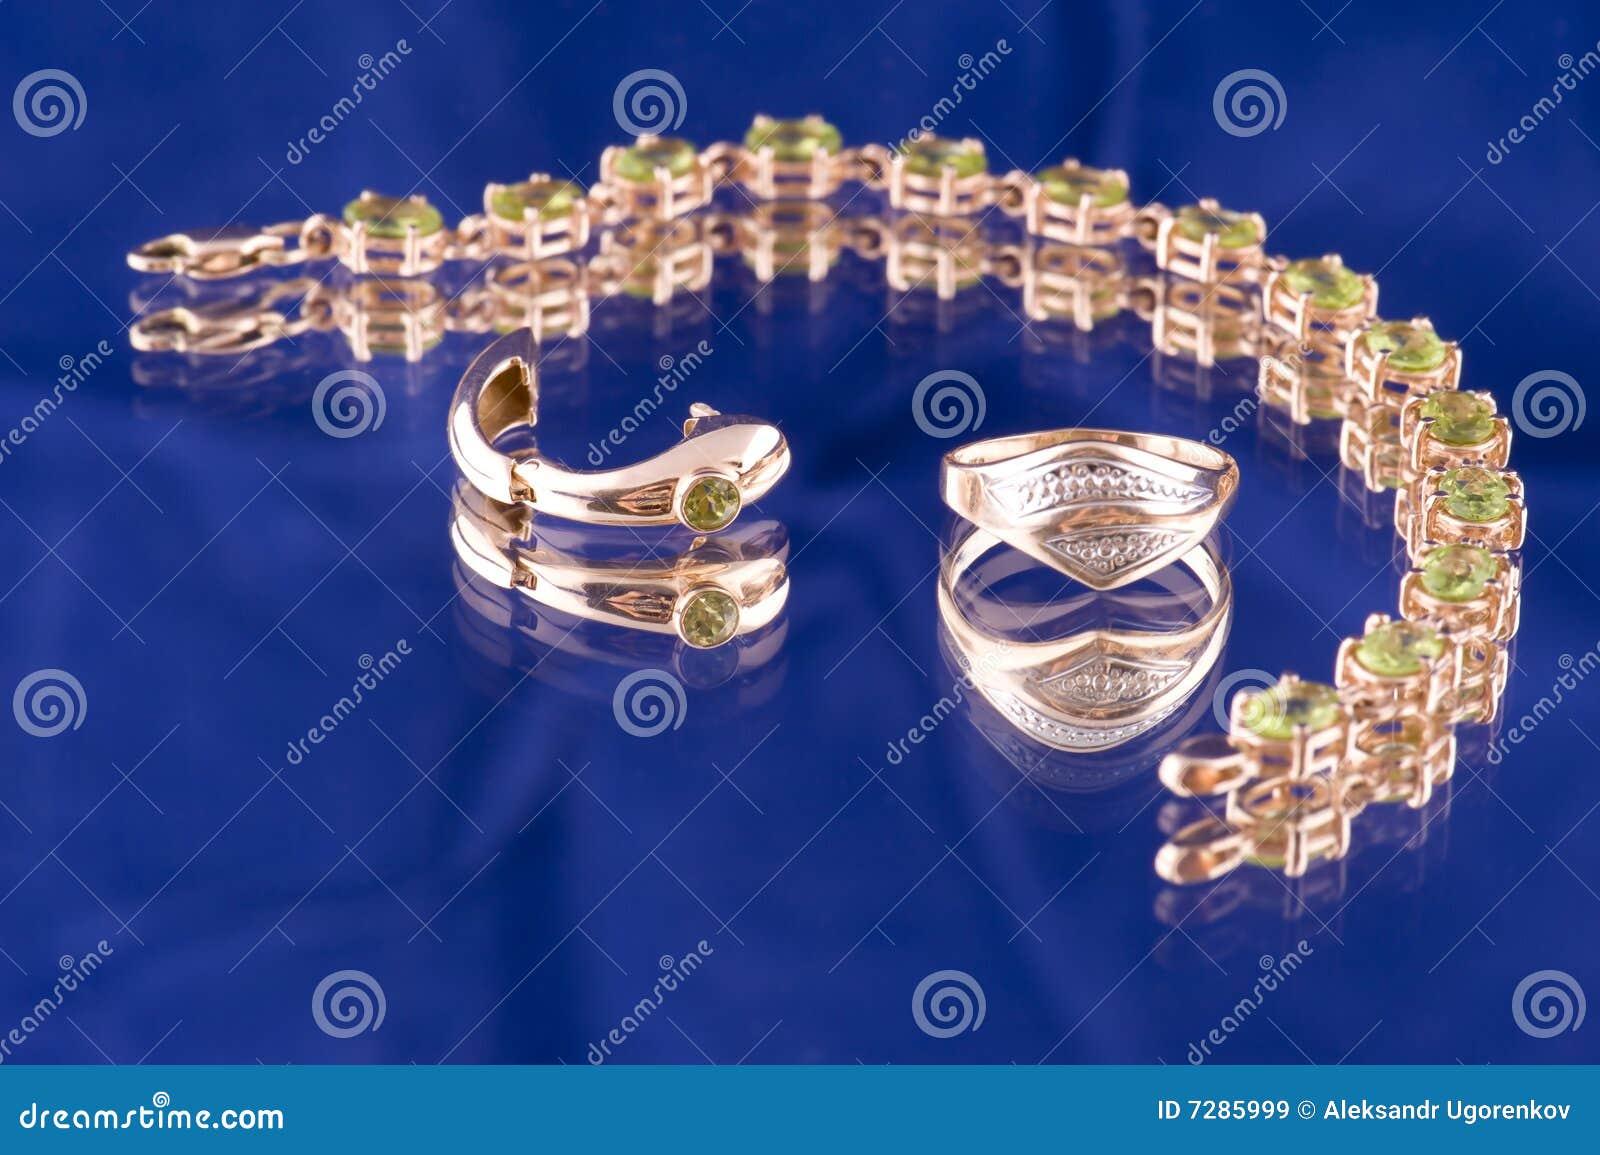 Objeto de valor del oro en azul